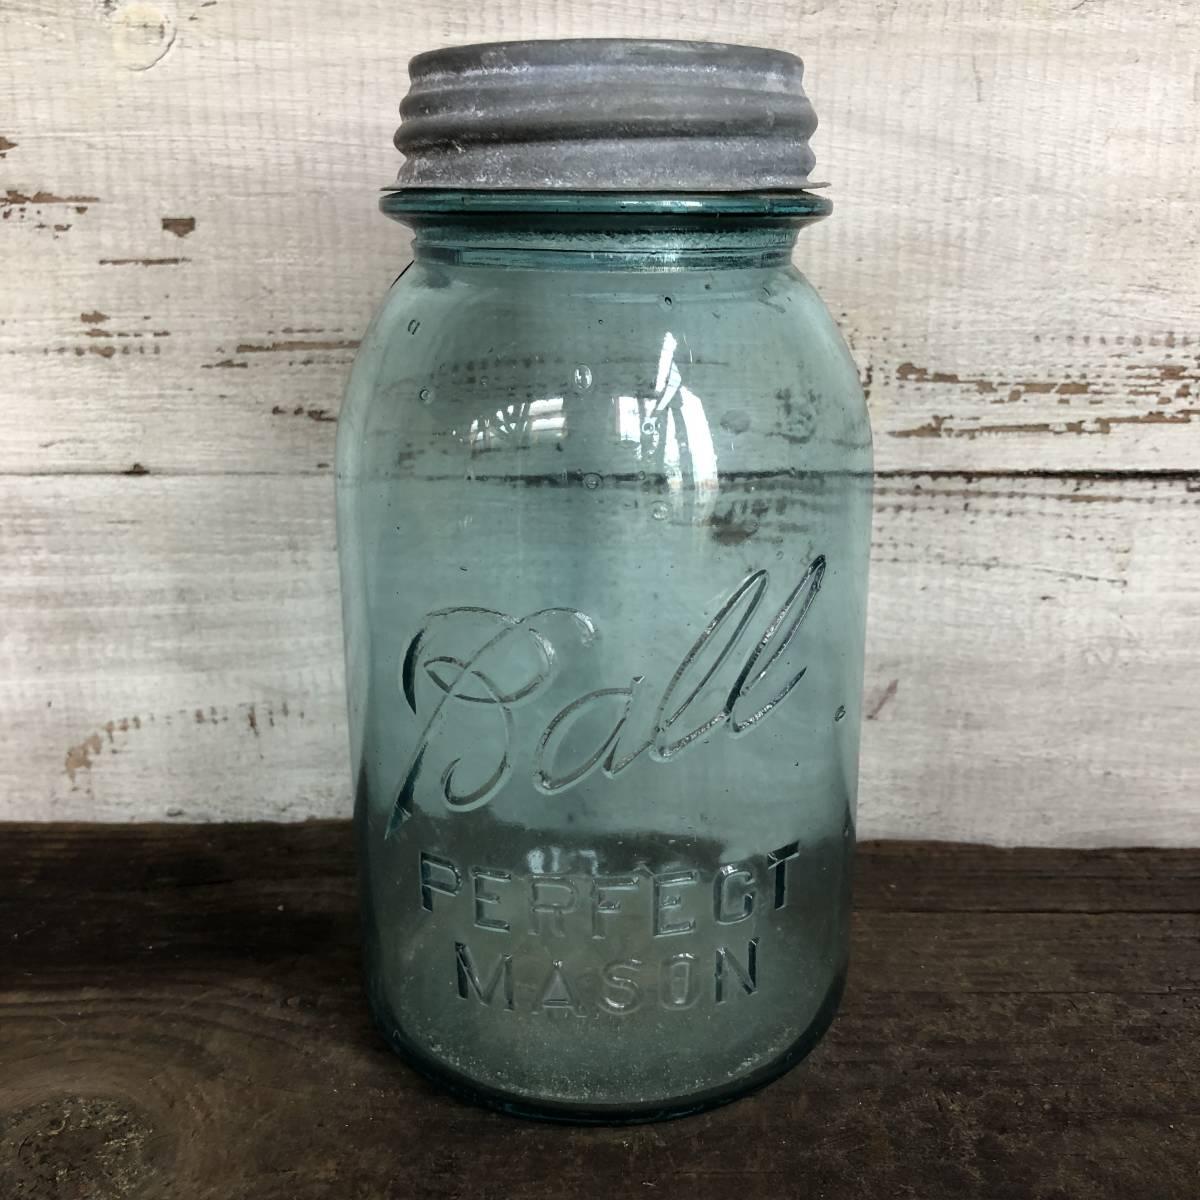 即決⑤ 1930's ball 17.5cm ヴィンテージ メイソンジャー ガラス瓶 キッチン カフェ ガーデニング ジャンク シャビー 雑貨 小物 収納_画像1